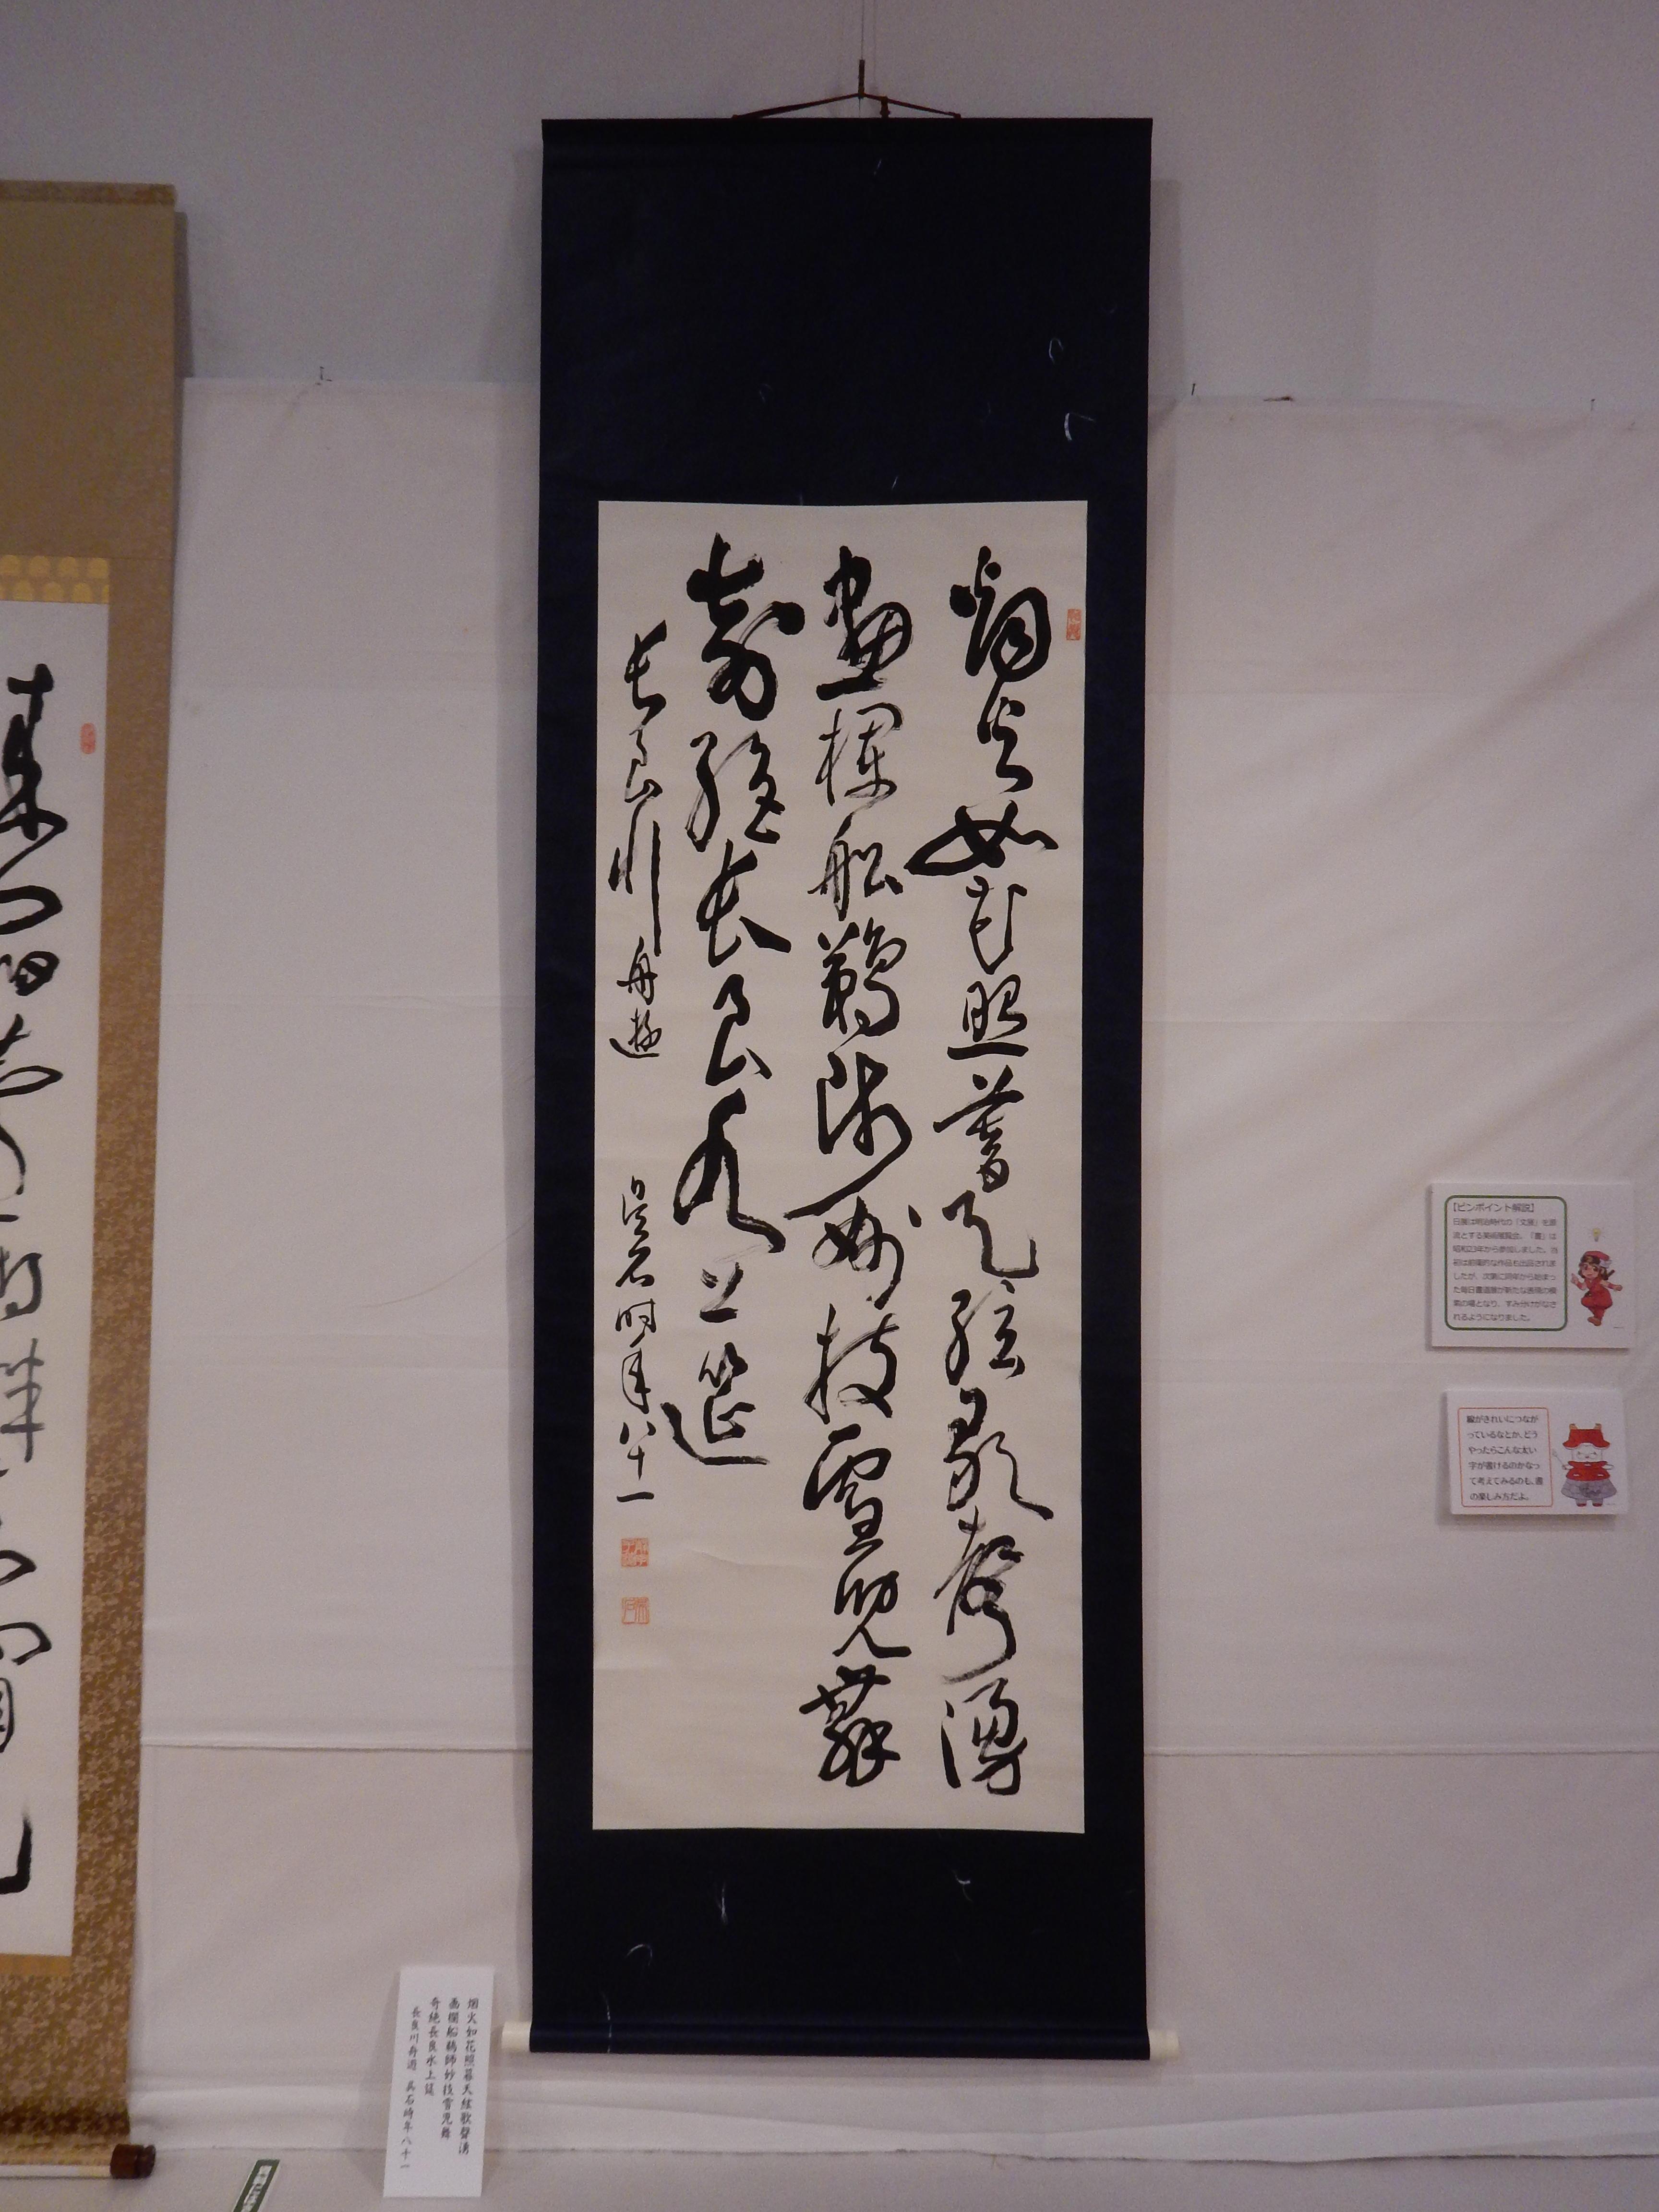 西脇呉石 生誕140周年記念展1日目 013.JPG